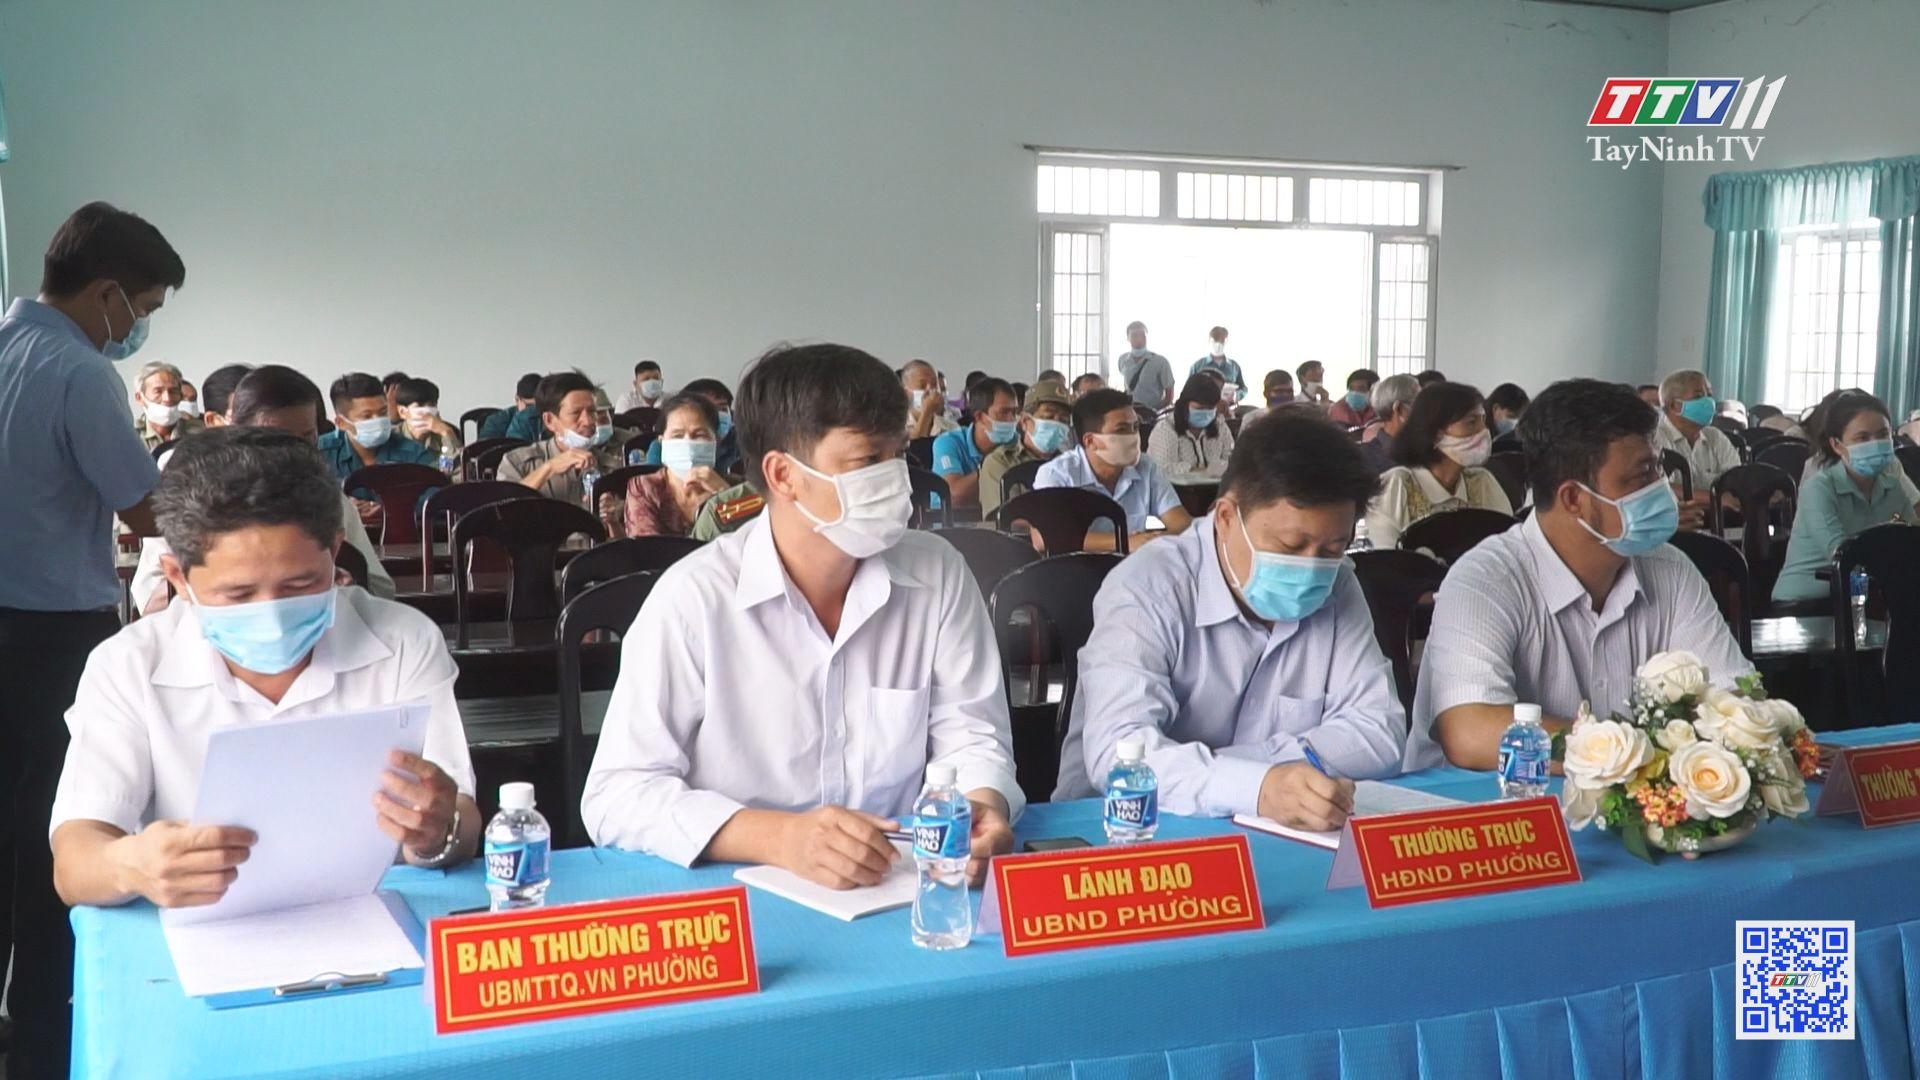 Cử tri quan tâm đến các chương trình hành động của người ứng cử   TIẾNG NÓI CỬ TRI   TayNinhTV